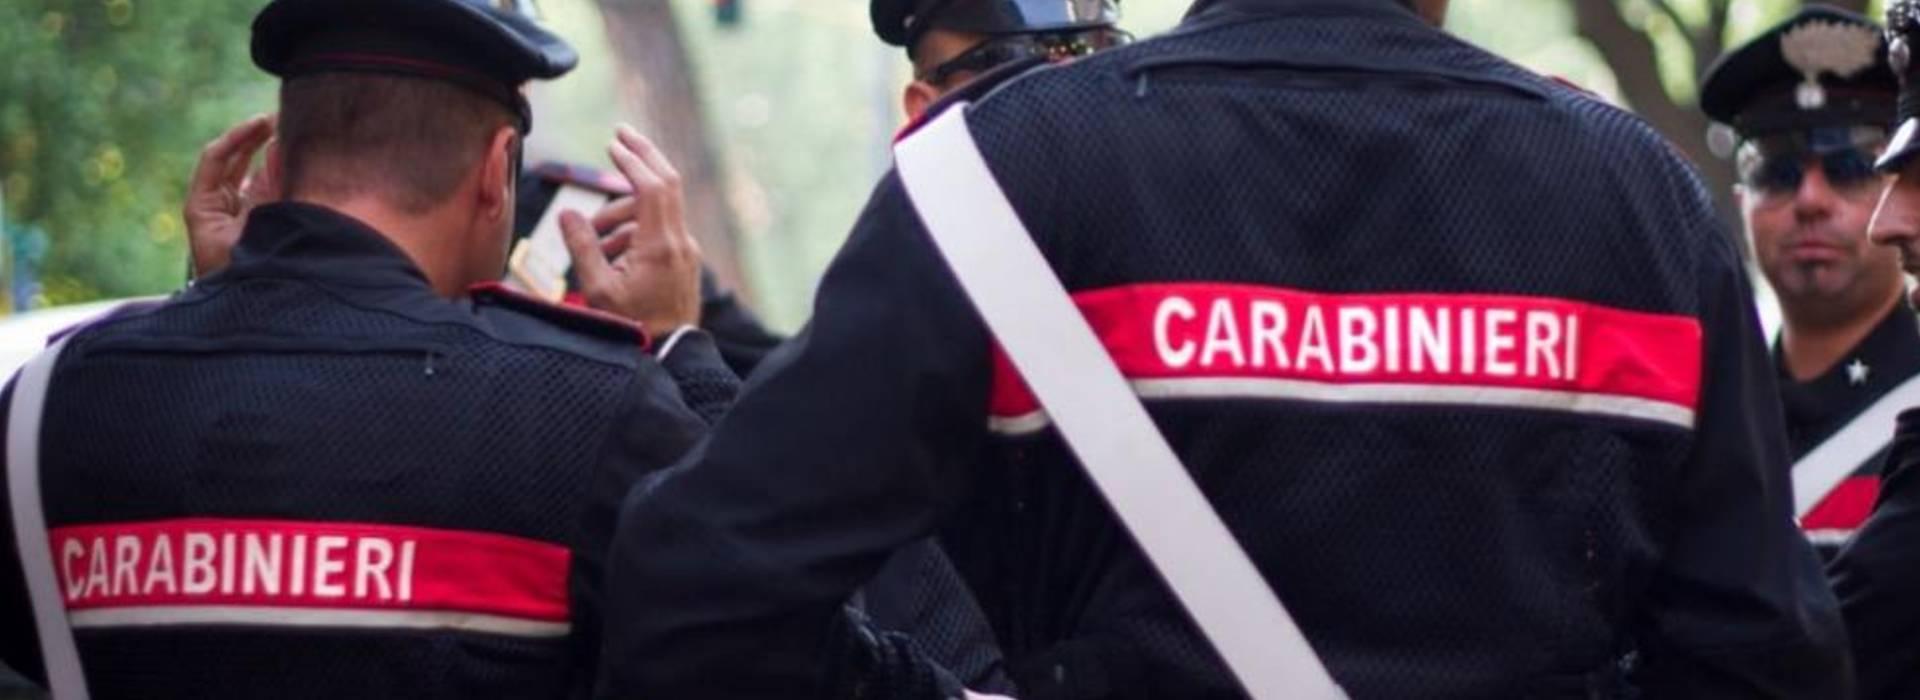 Carabiniere denunciato e trasferito: aveva chiesto mascherine per i colleghi